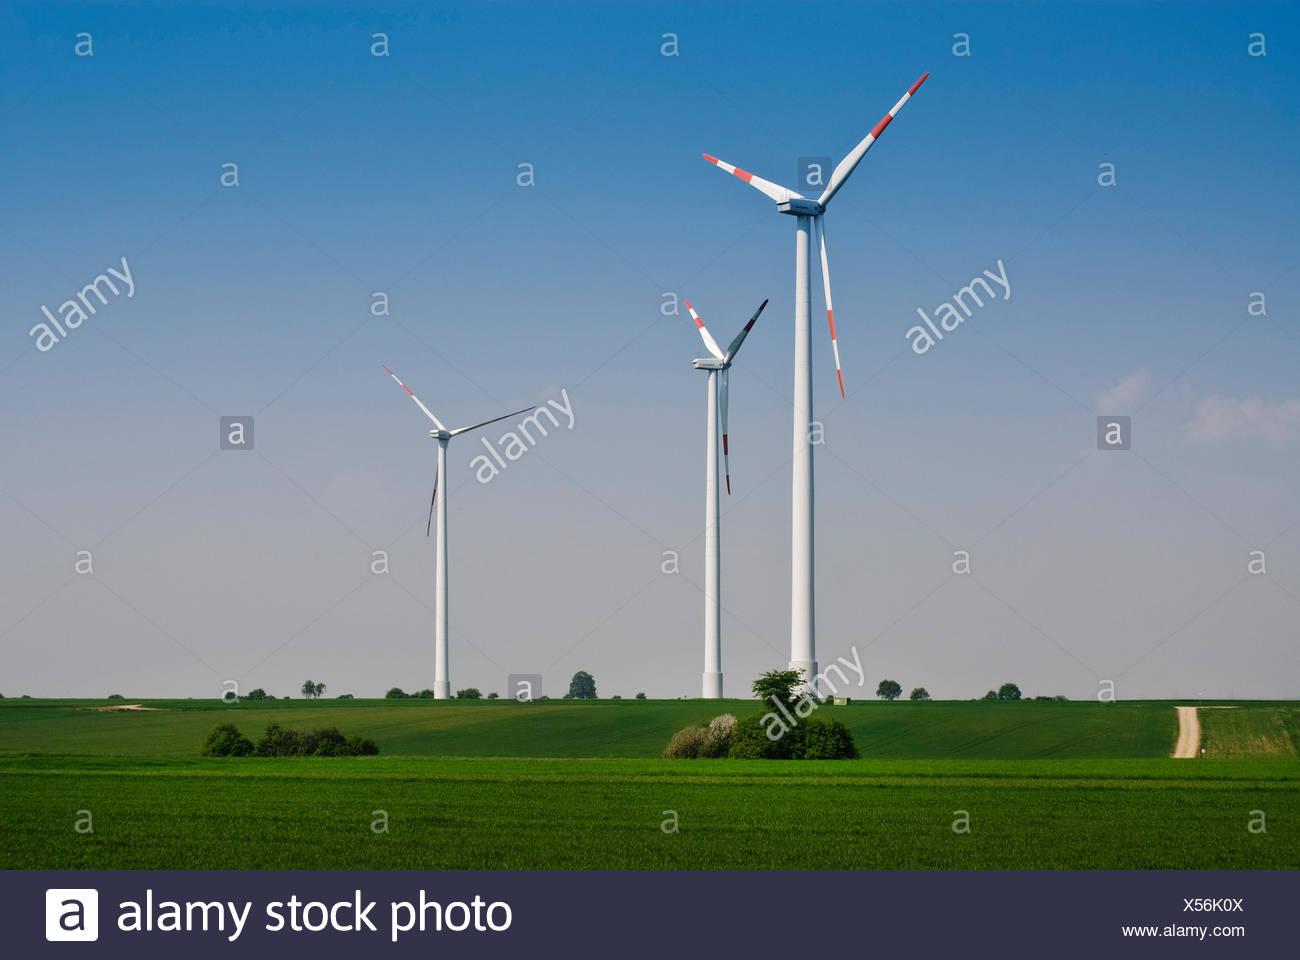 Las turbinas eólicas en el continente, la energía eólica, la energía renovable Foto de stock